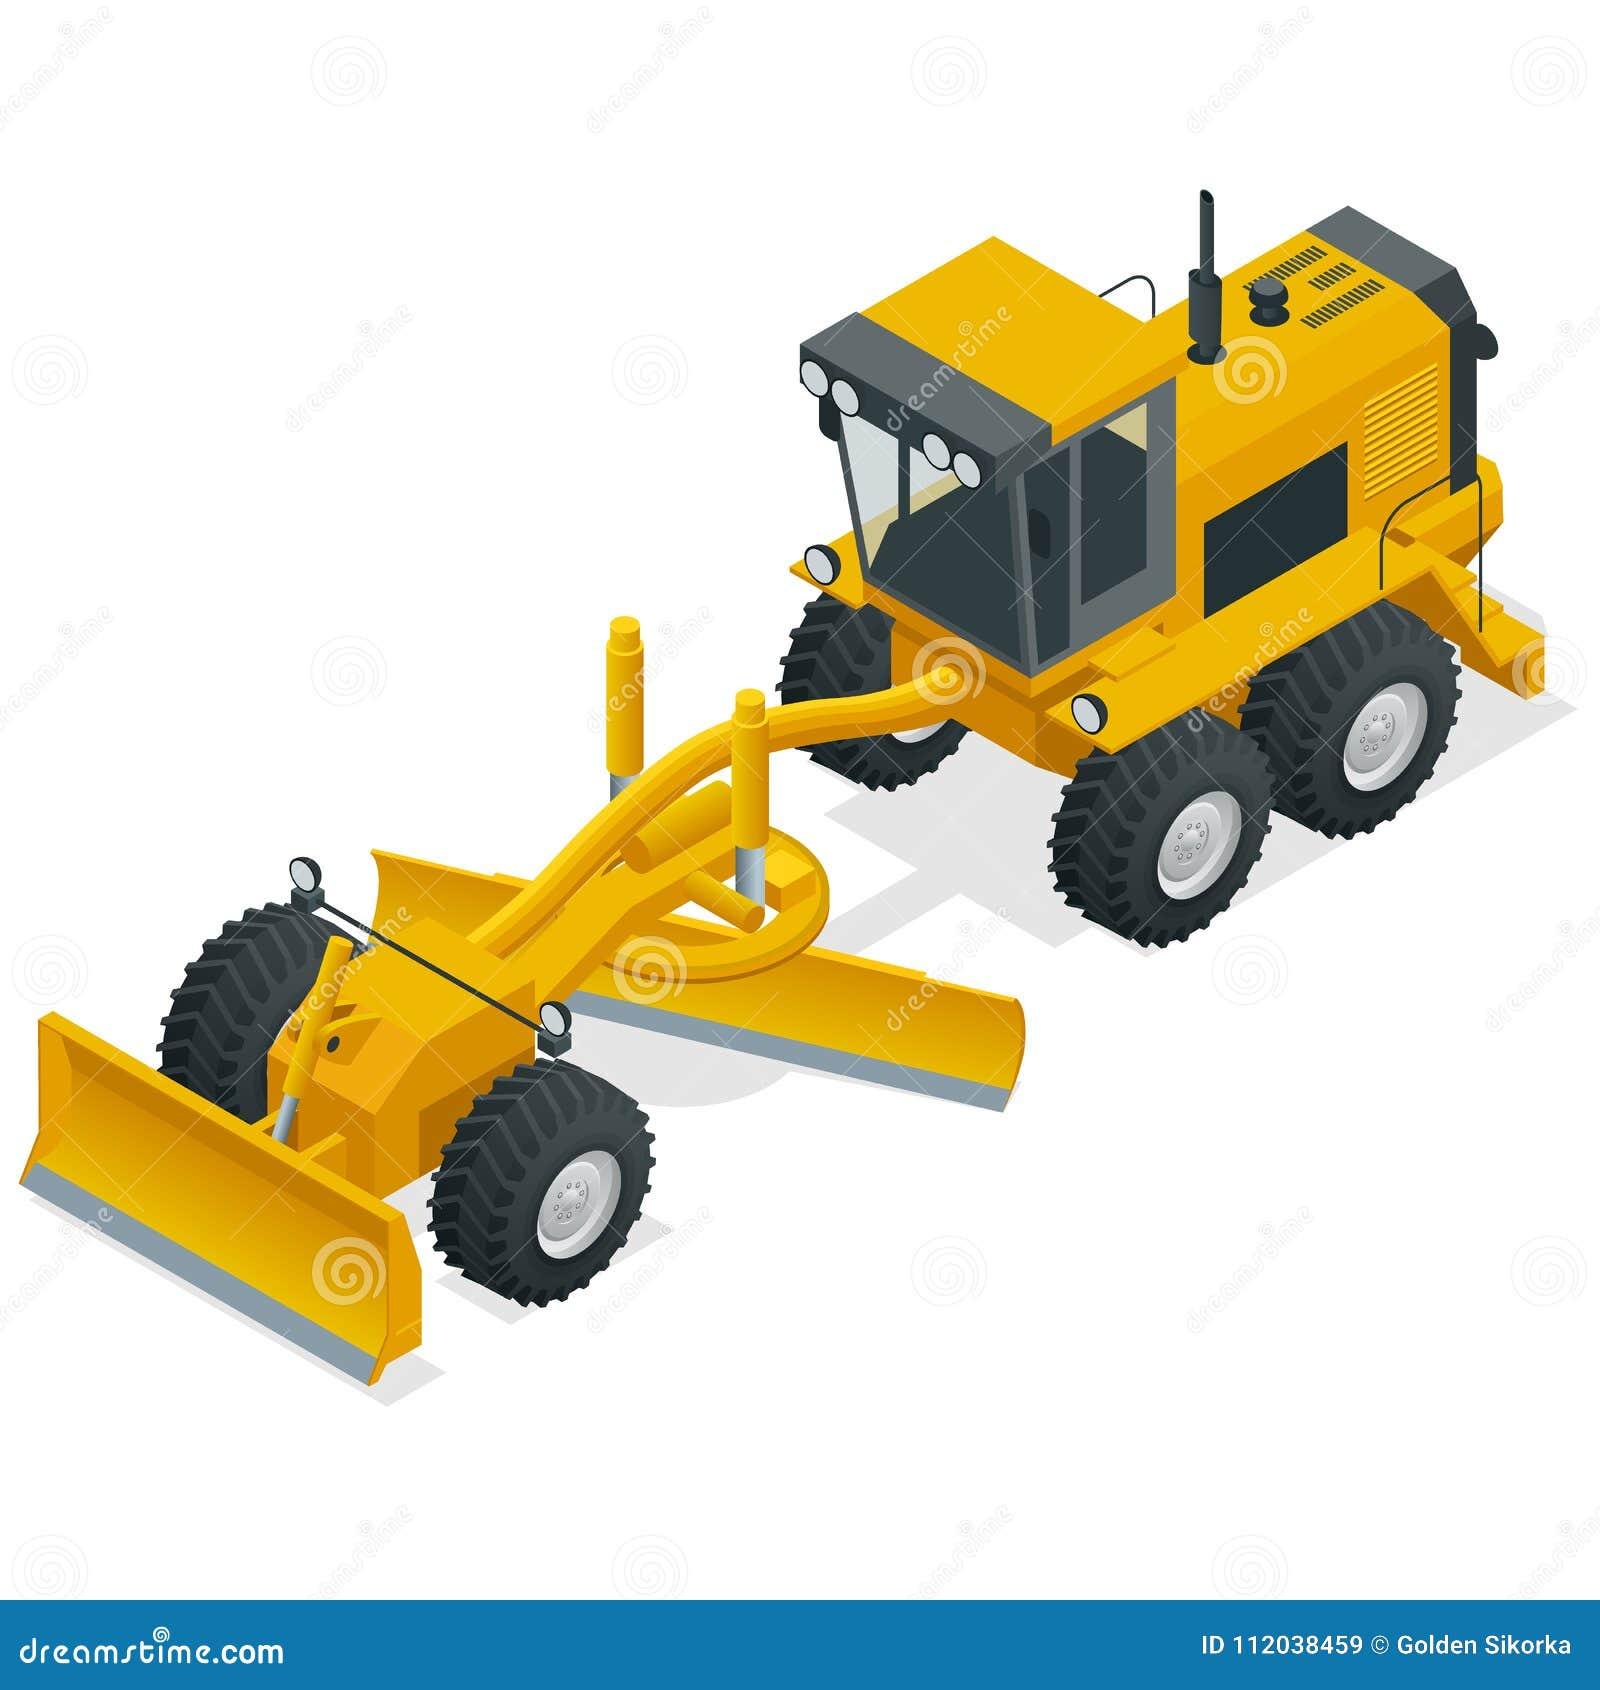 用于土路和石渣路建筑和维护的等量平地机  背景建筑挖掘机查出的机械对象白色